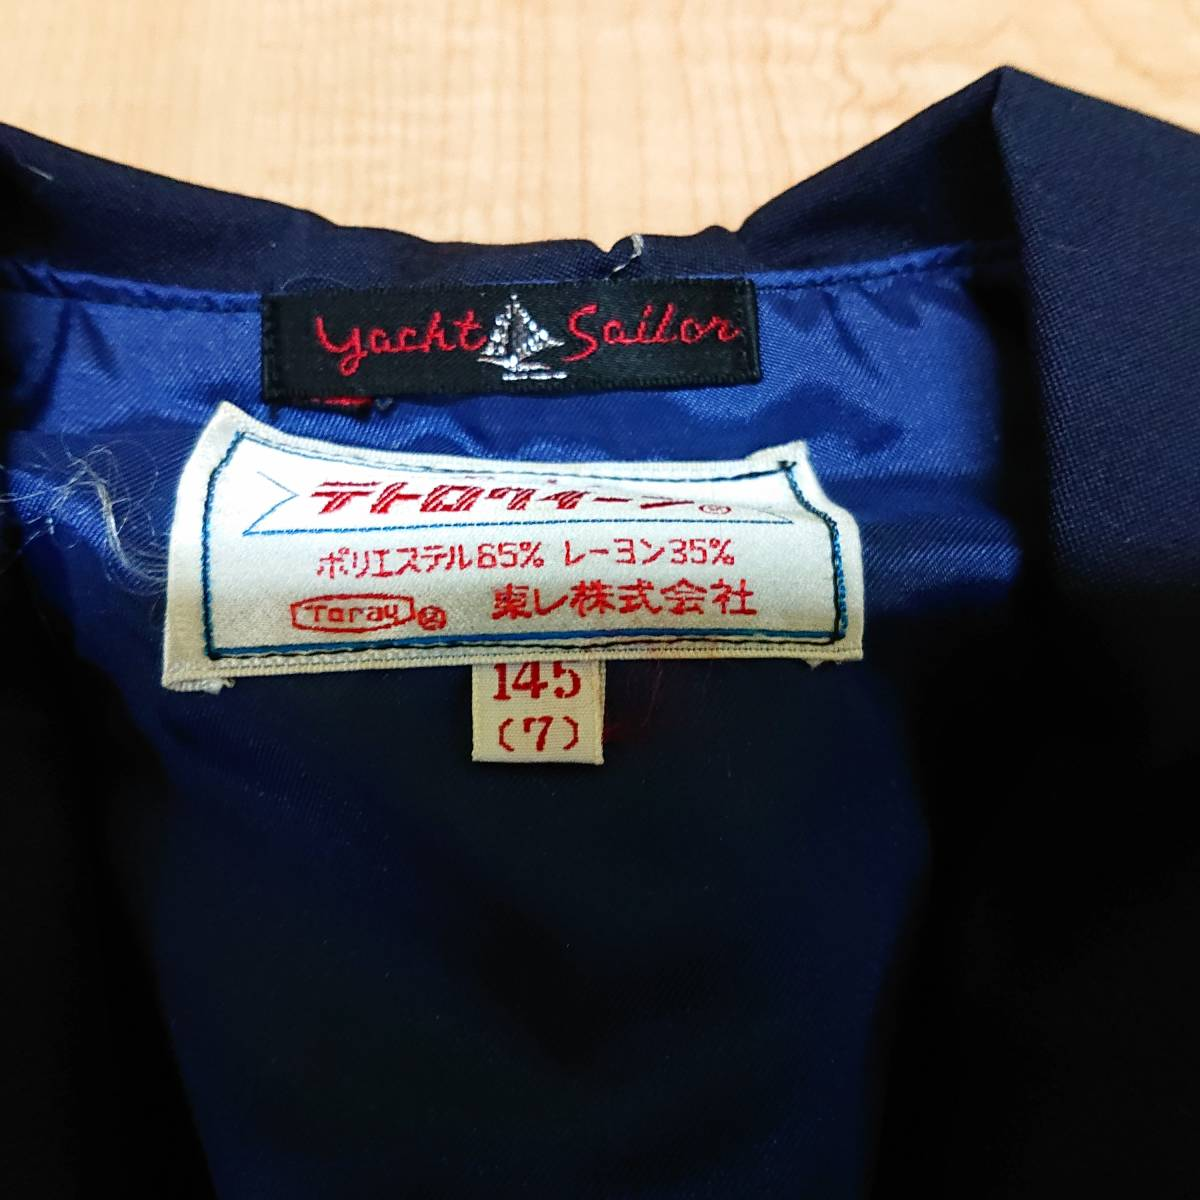 L 女子制服 学生服 通学服 上衣 上のみ サイズ 145(7)_画像4